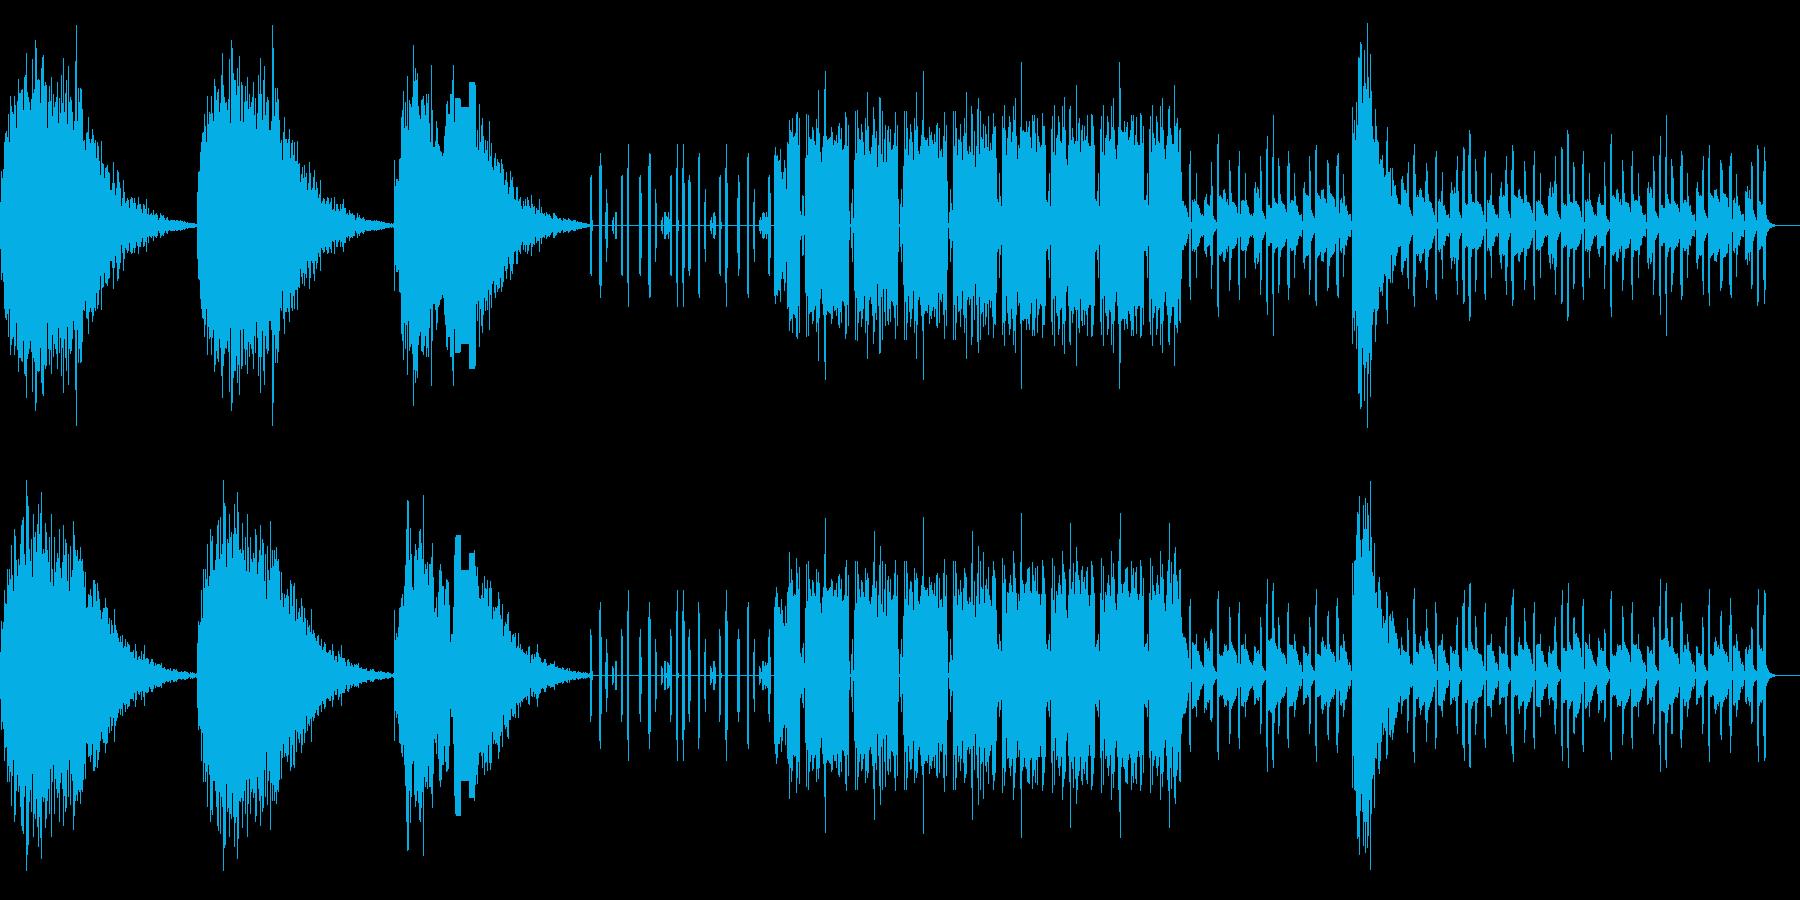 ちょっと前衛的過ぎる曲ですの再生済みの波形